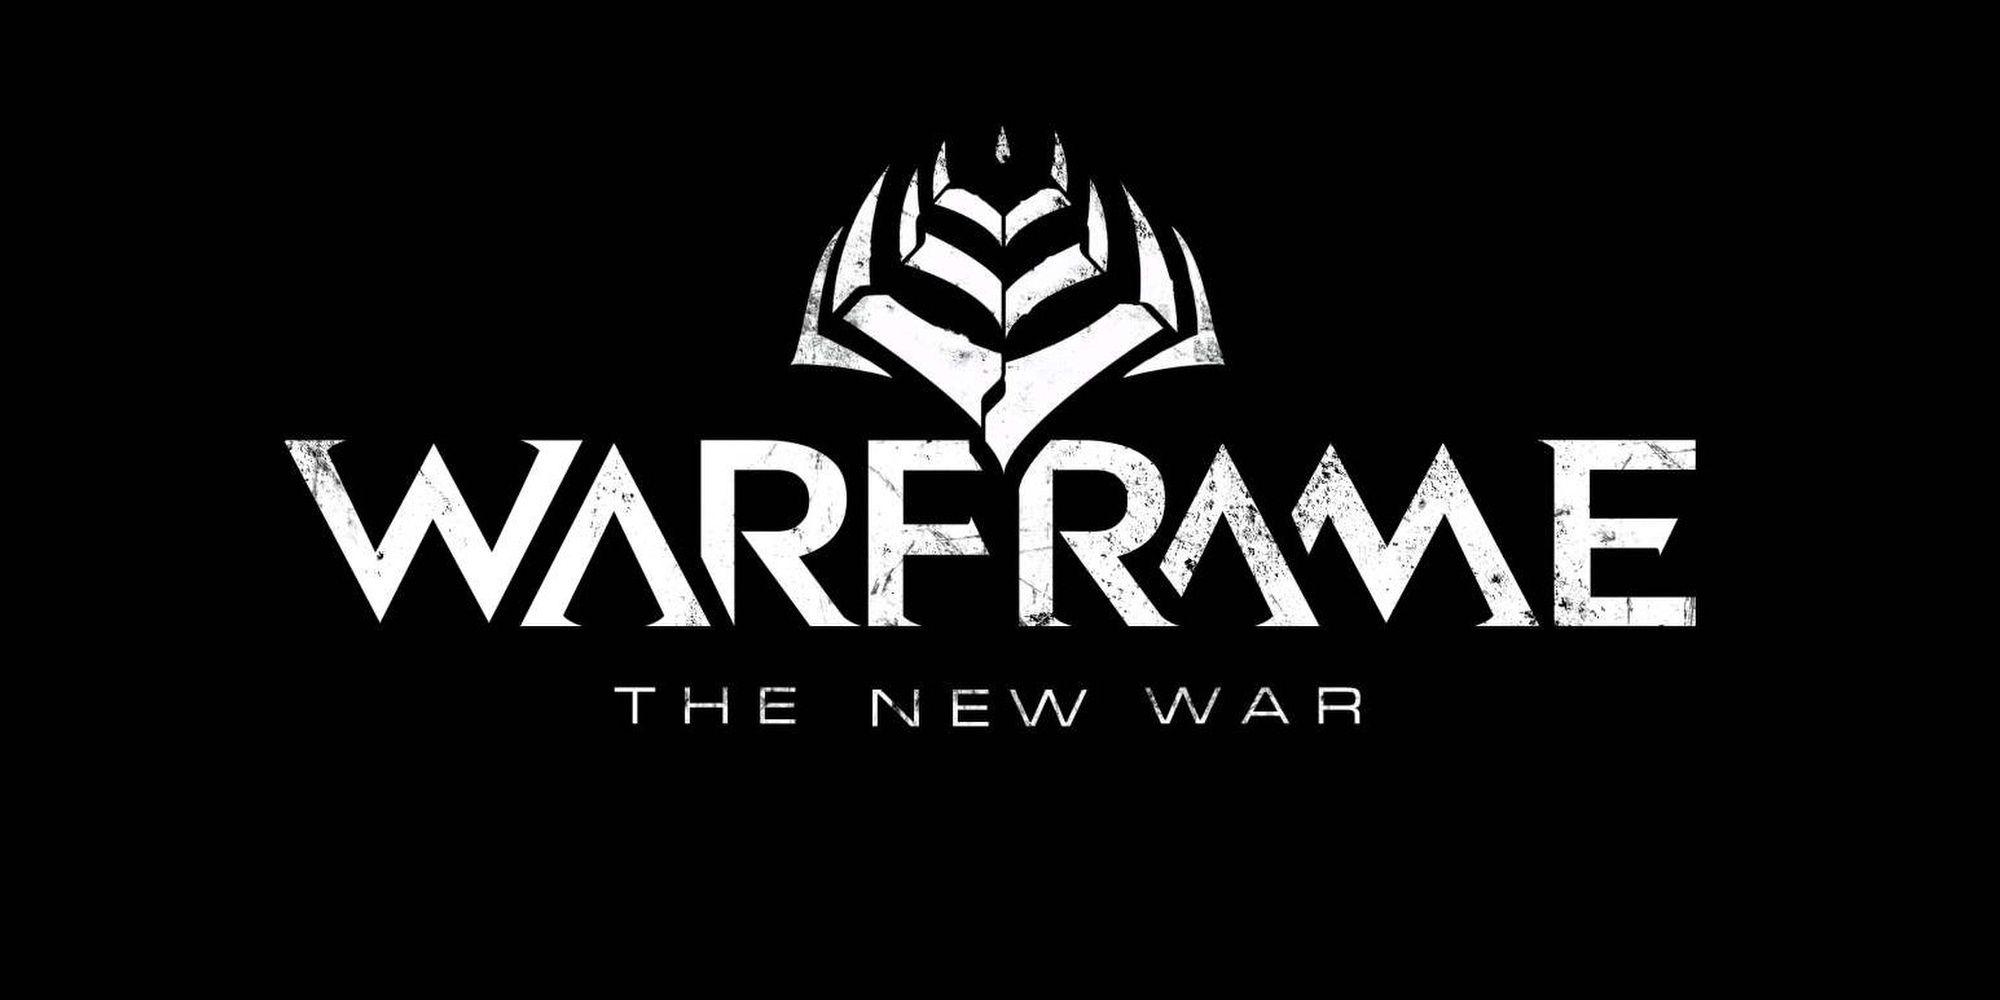 Todo lo que necesitas saber sobre Warframe en 2021